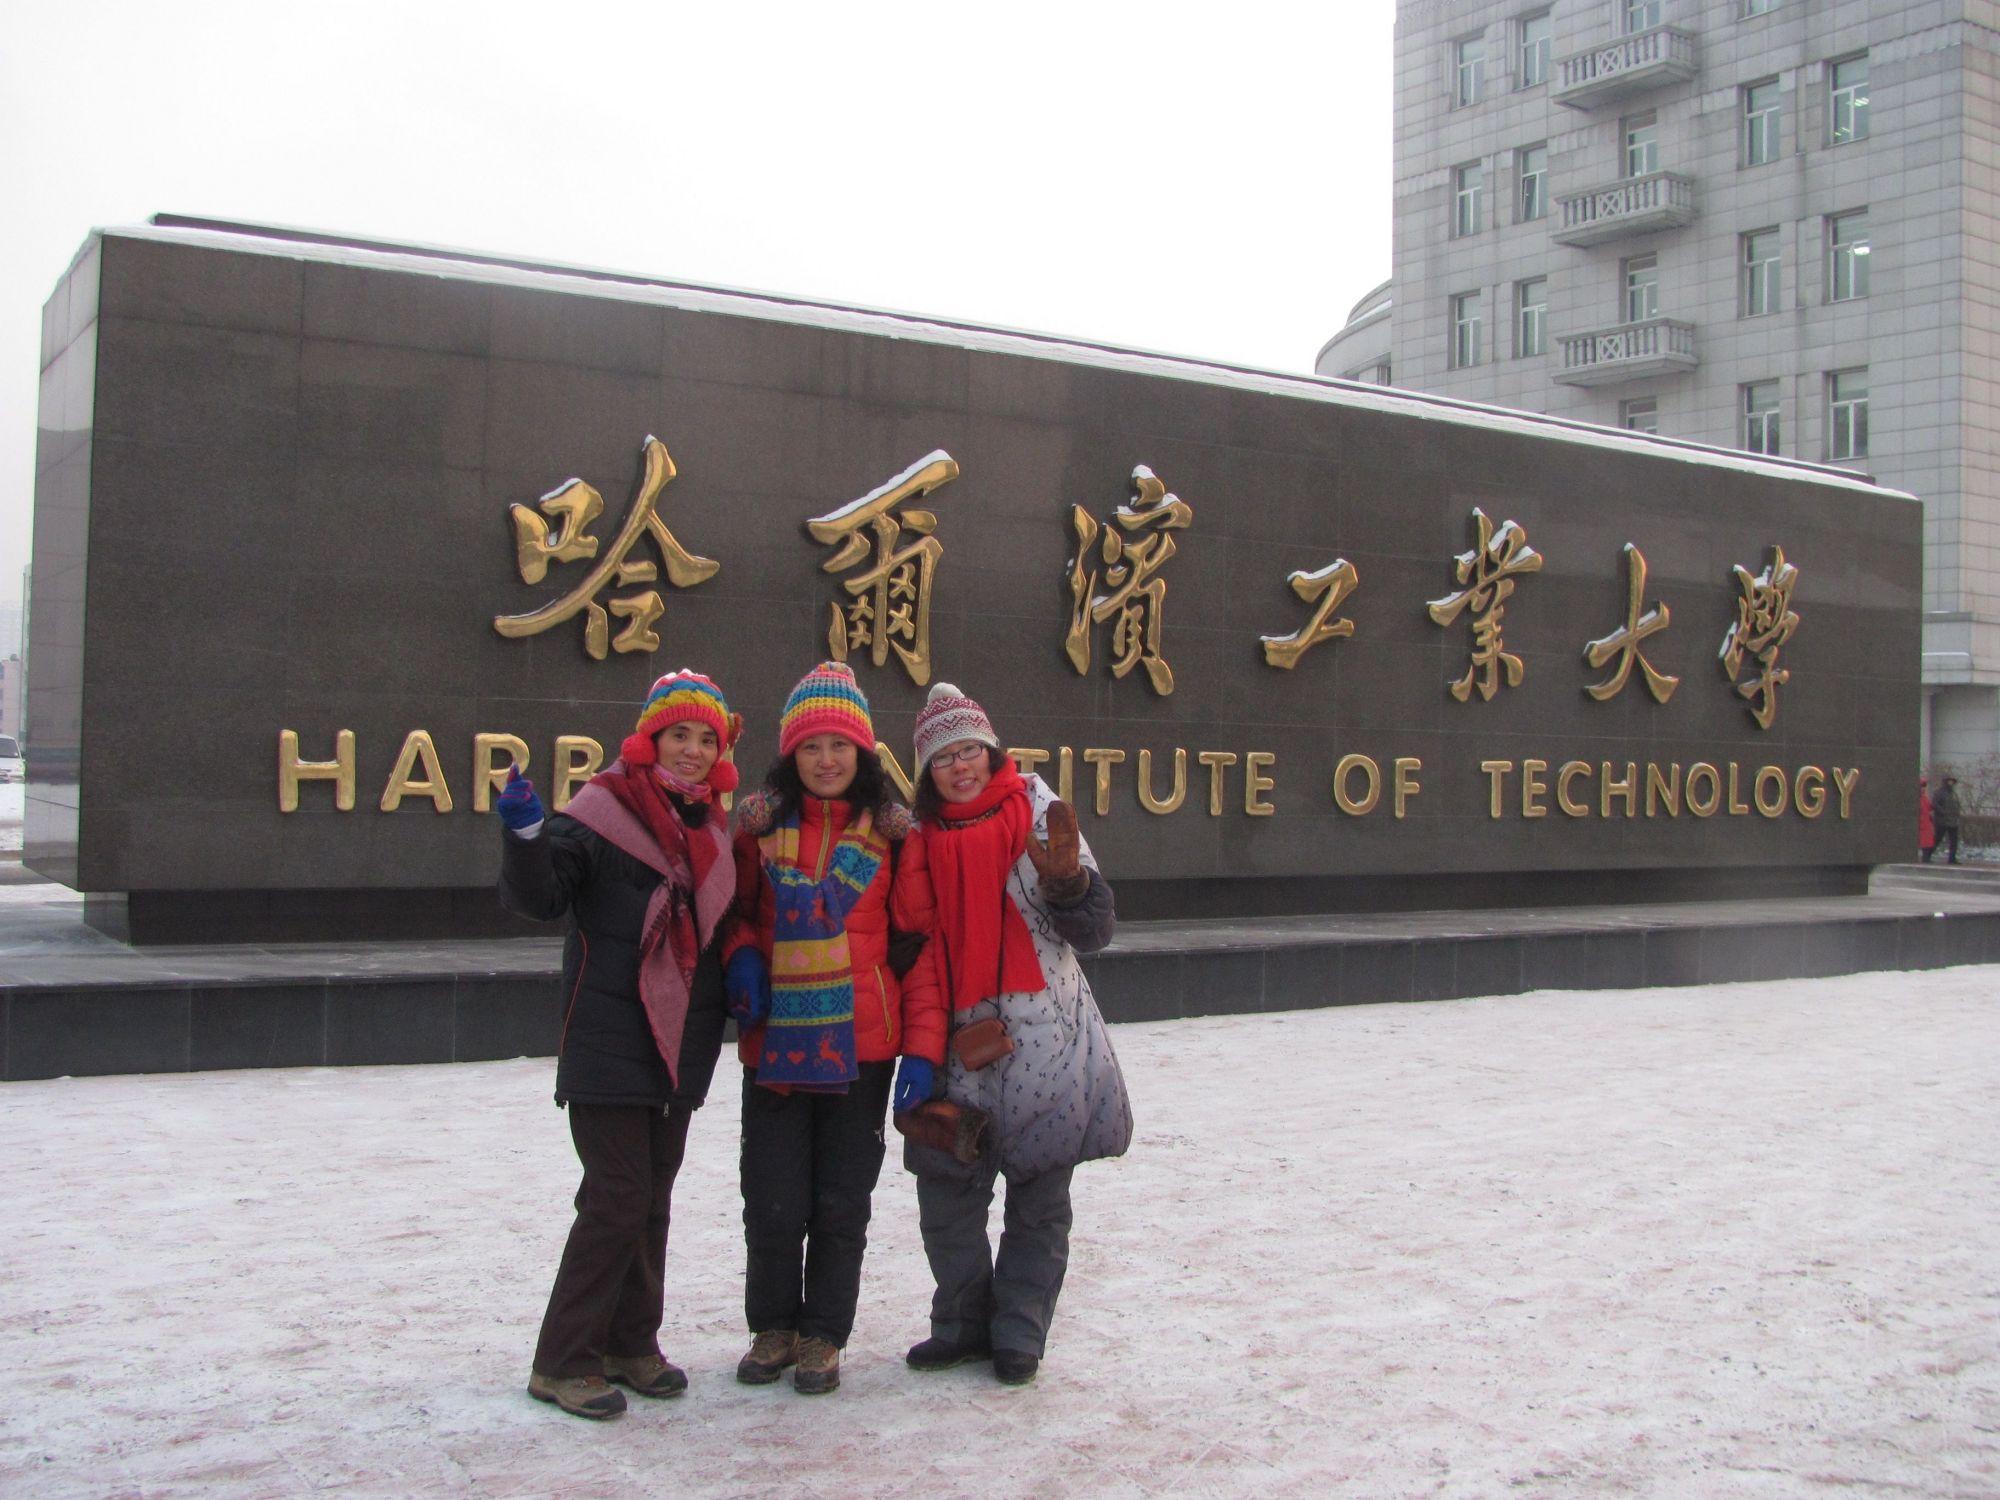 这所和清华齐名的理工大学,打下中国工业半壁江山,如今被人忽视